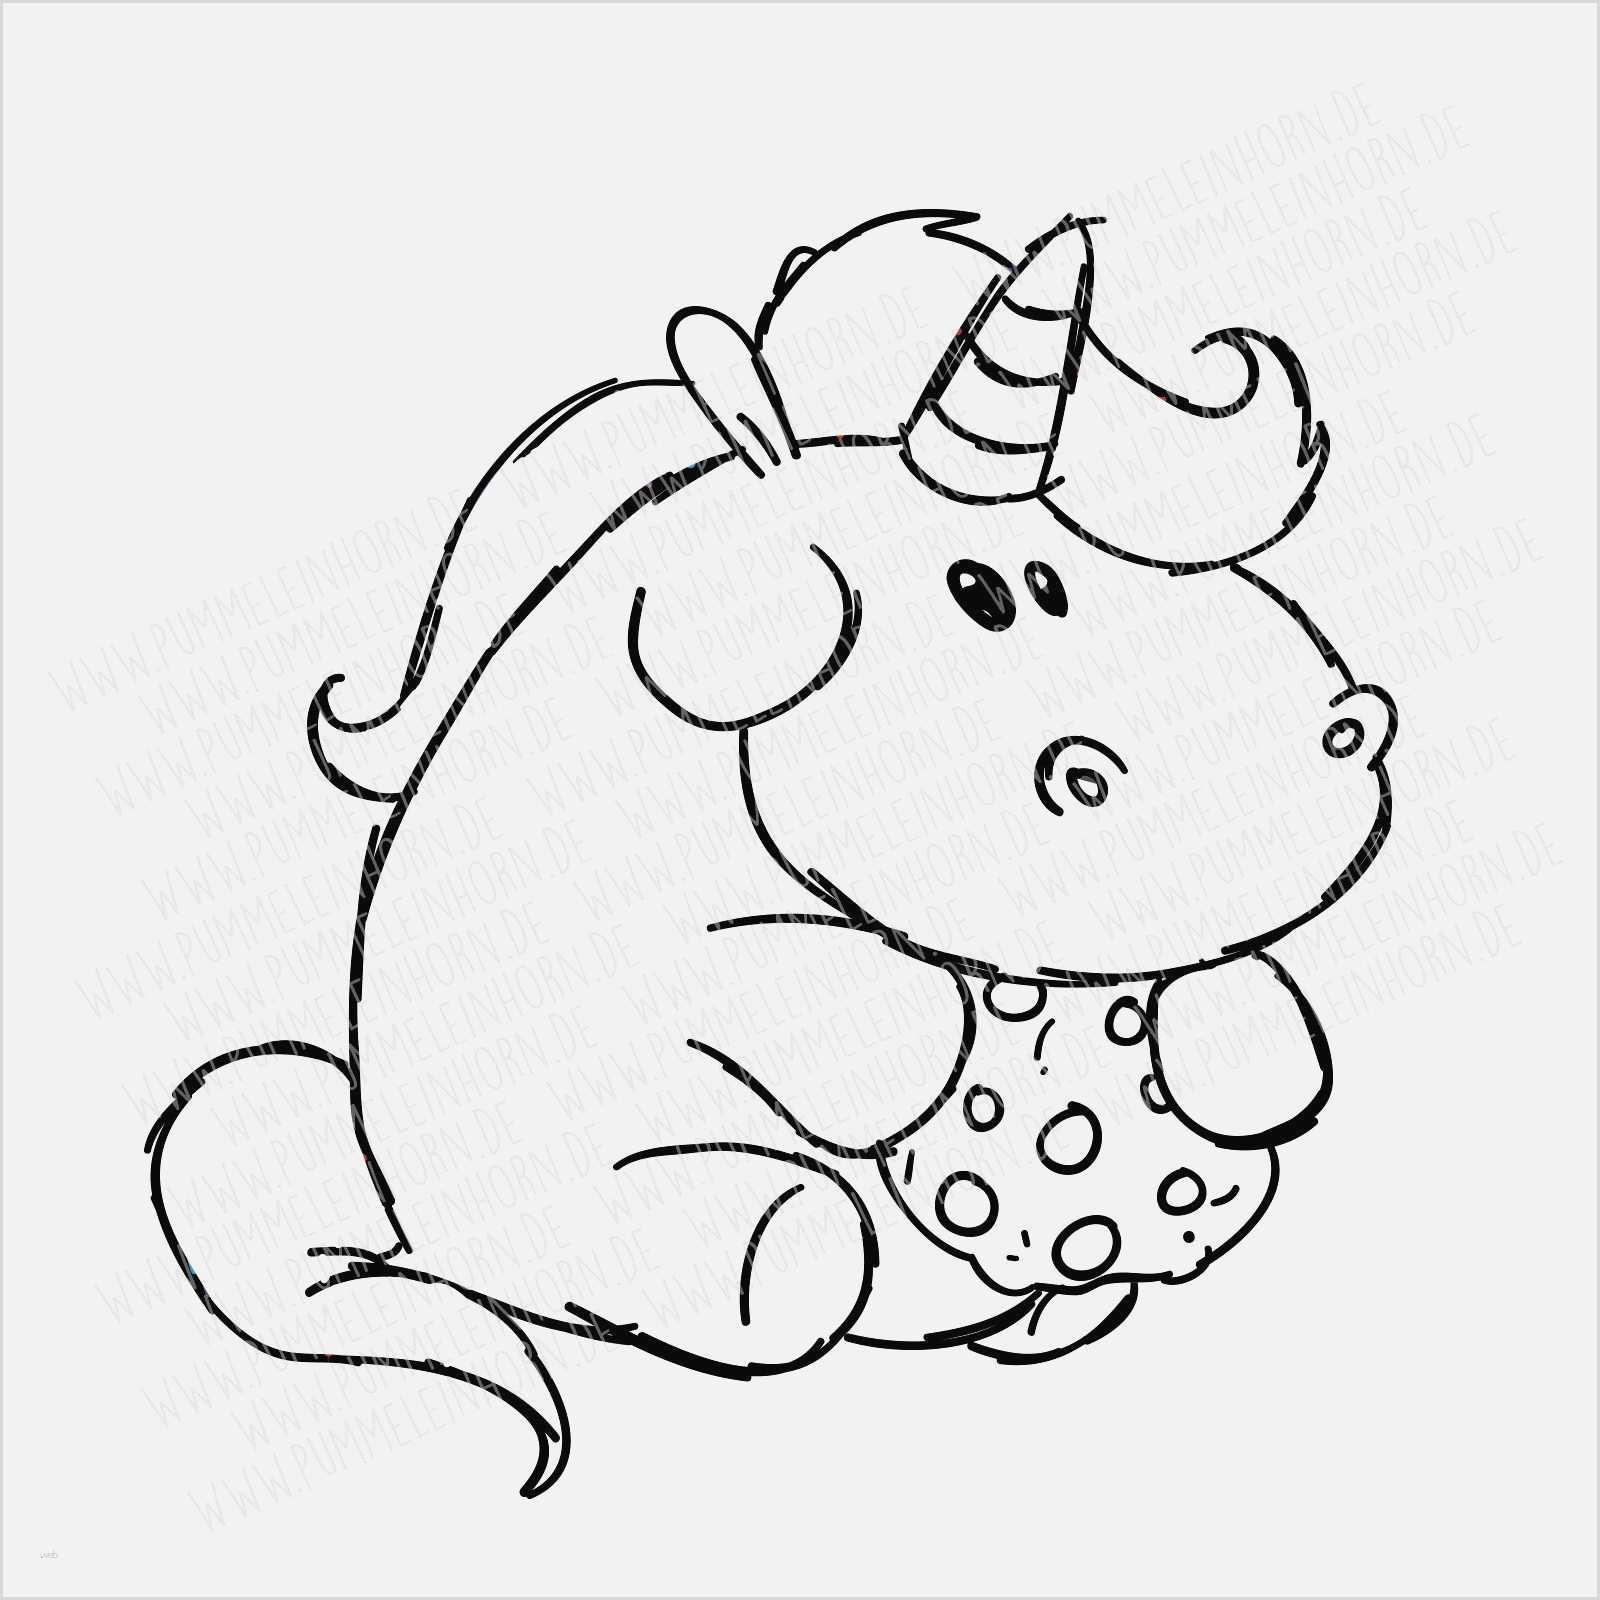 Kleine Tierbilder Zum Ausdrucken - Malvorlagen Für Kinder für Tierbilder Zum Ausmalen Kostenlos